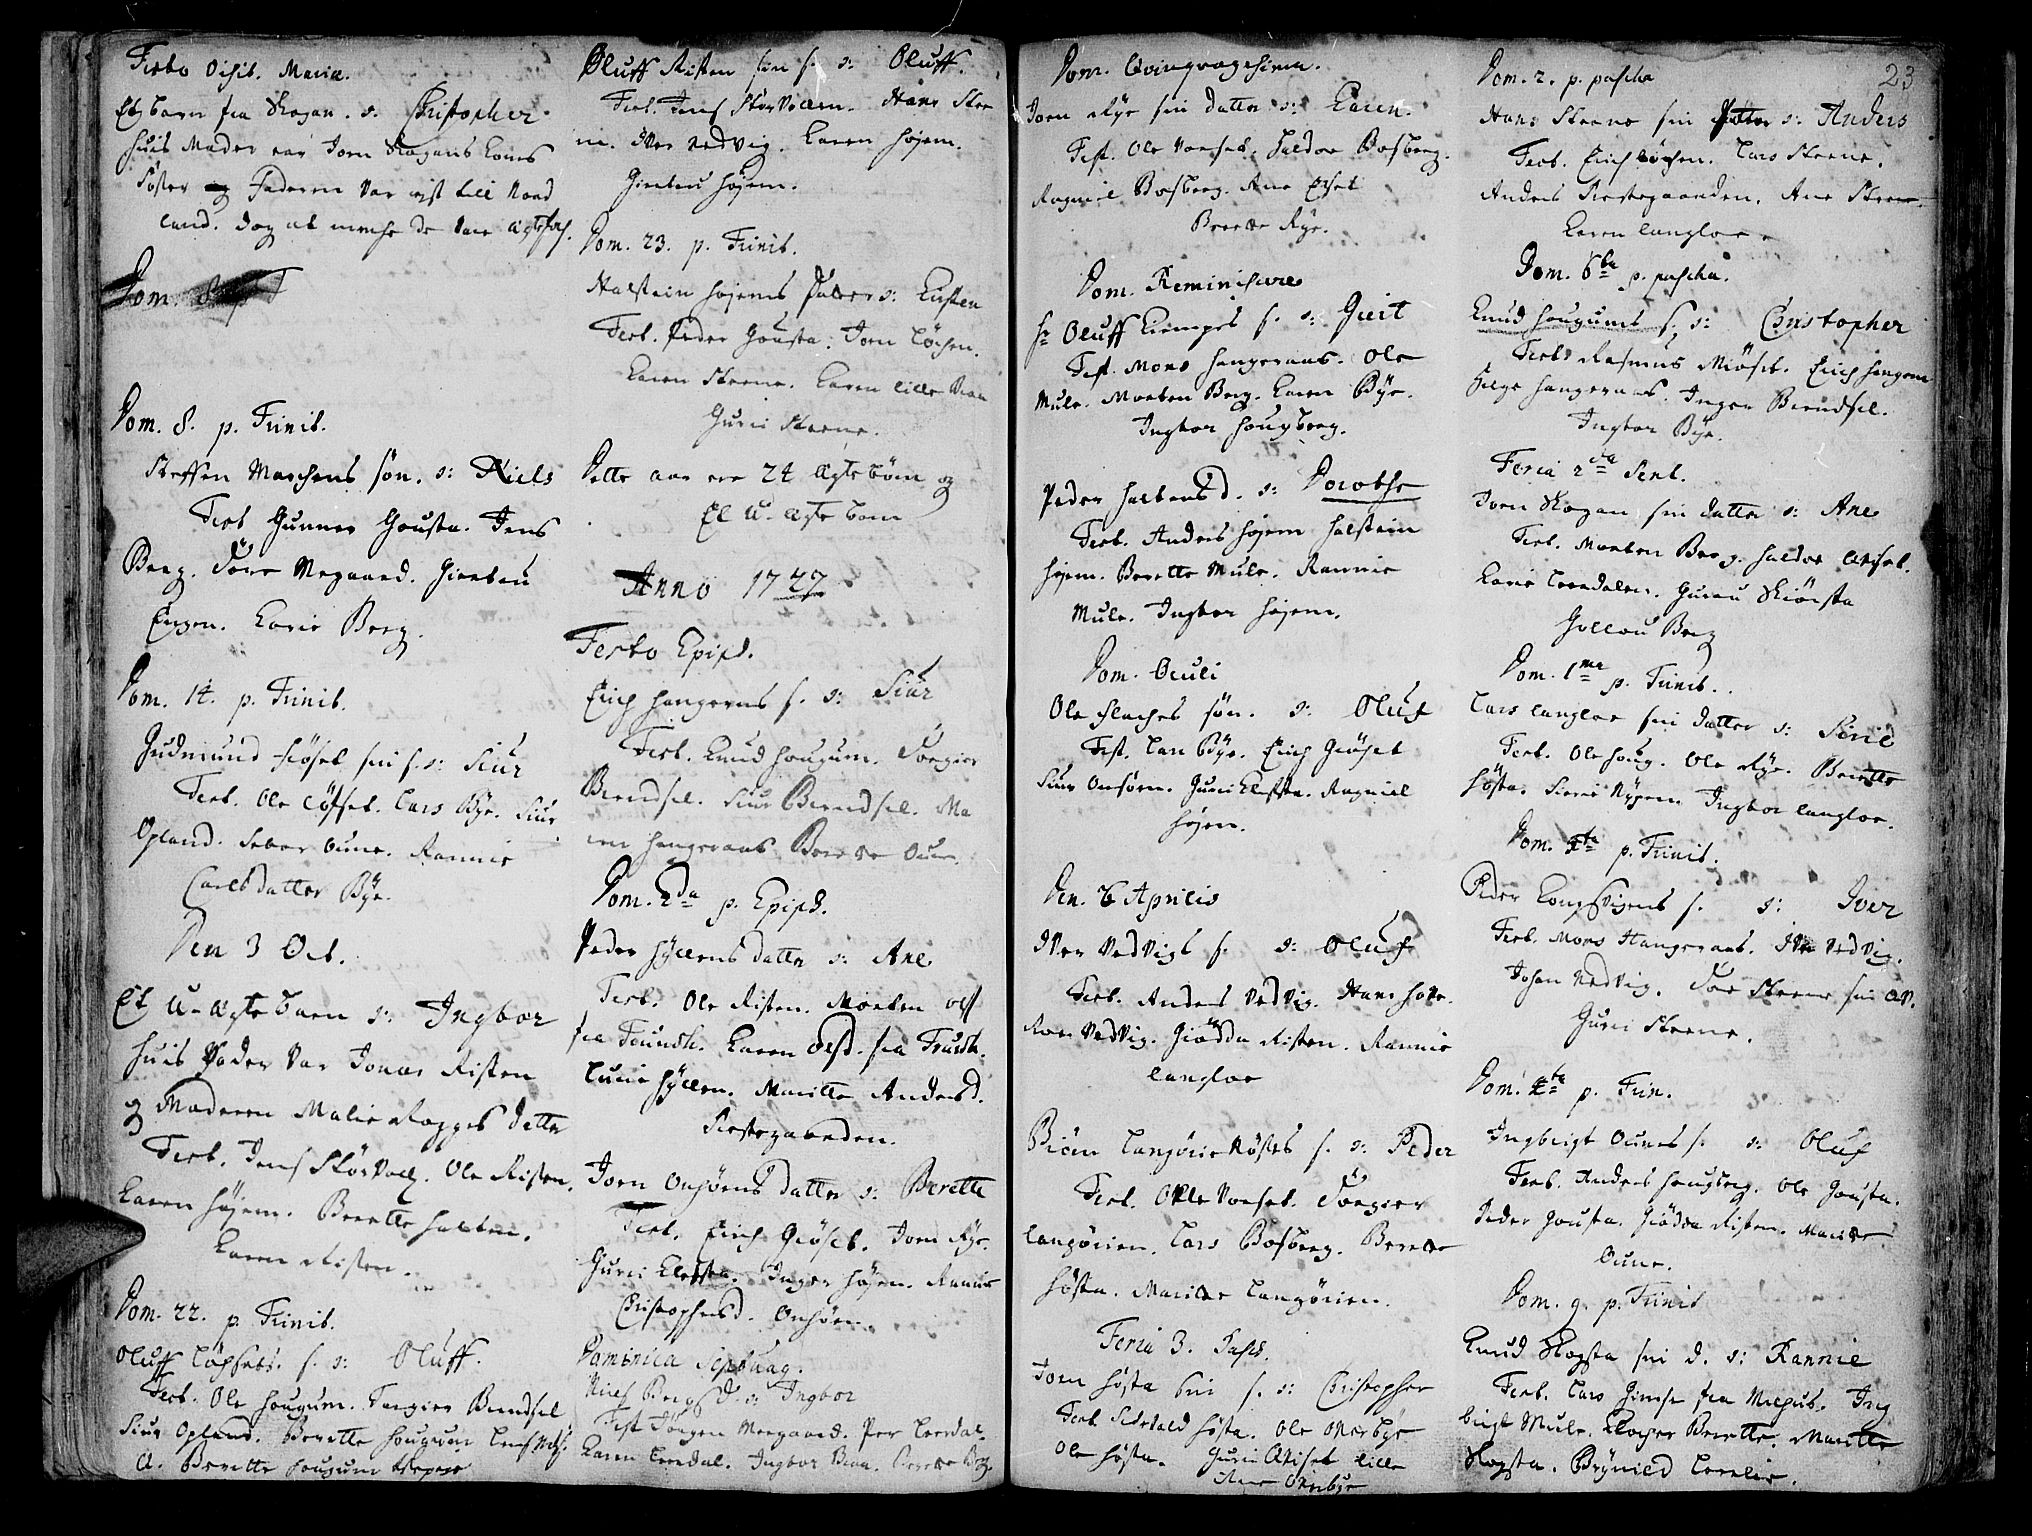 SAT, Ministerialprotokoller, klokkerbøker og fødselsregistre - Sør-Trøndelag, 612/L0368: Ministerialbok nr. 612A02, 1702-1753, s. 23